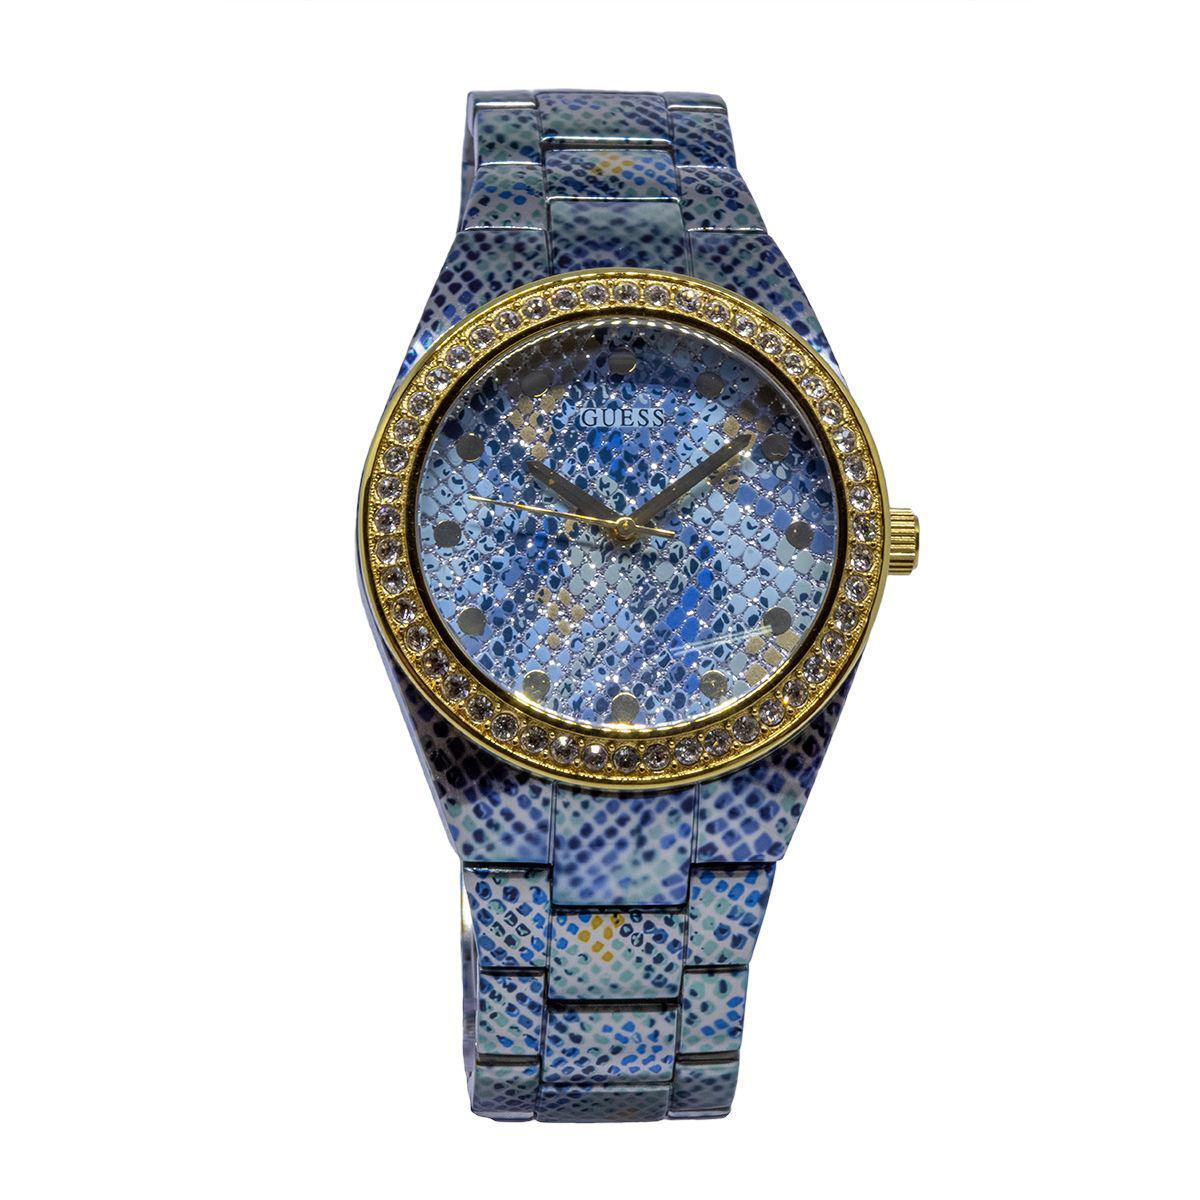 Relógio Guess Feminino Analógico - 92561LPGSEA1 - Relógio Feminino ... 444b27f225